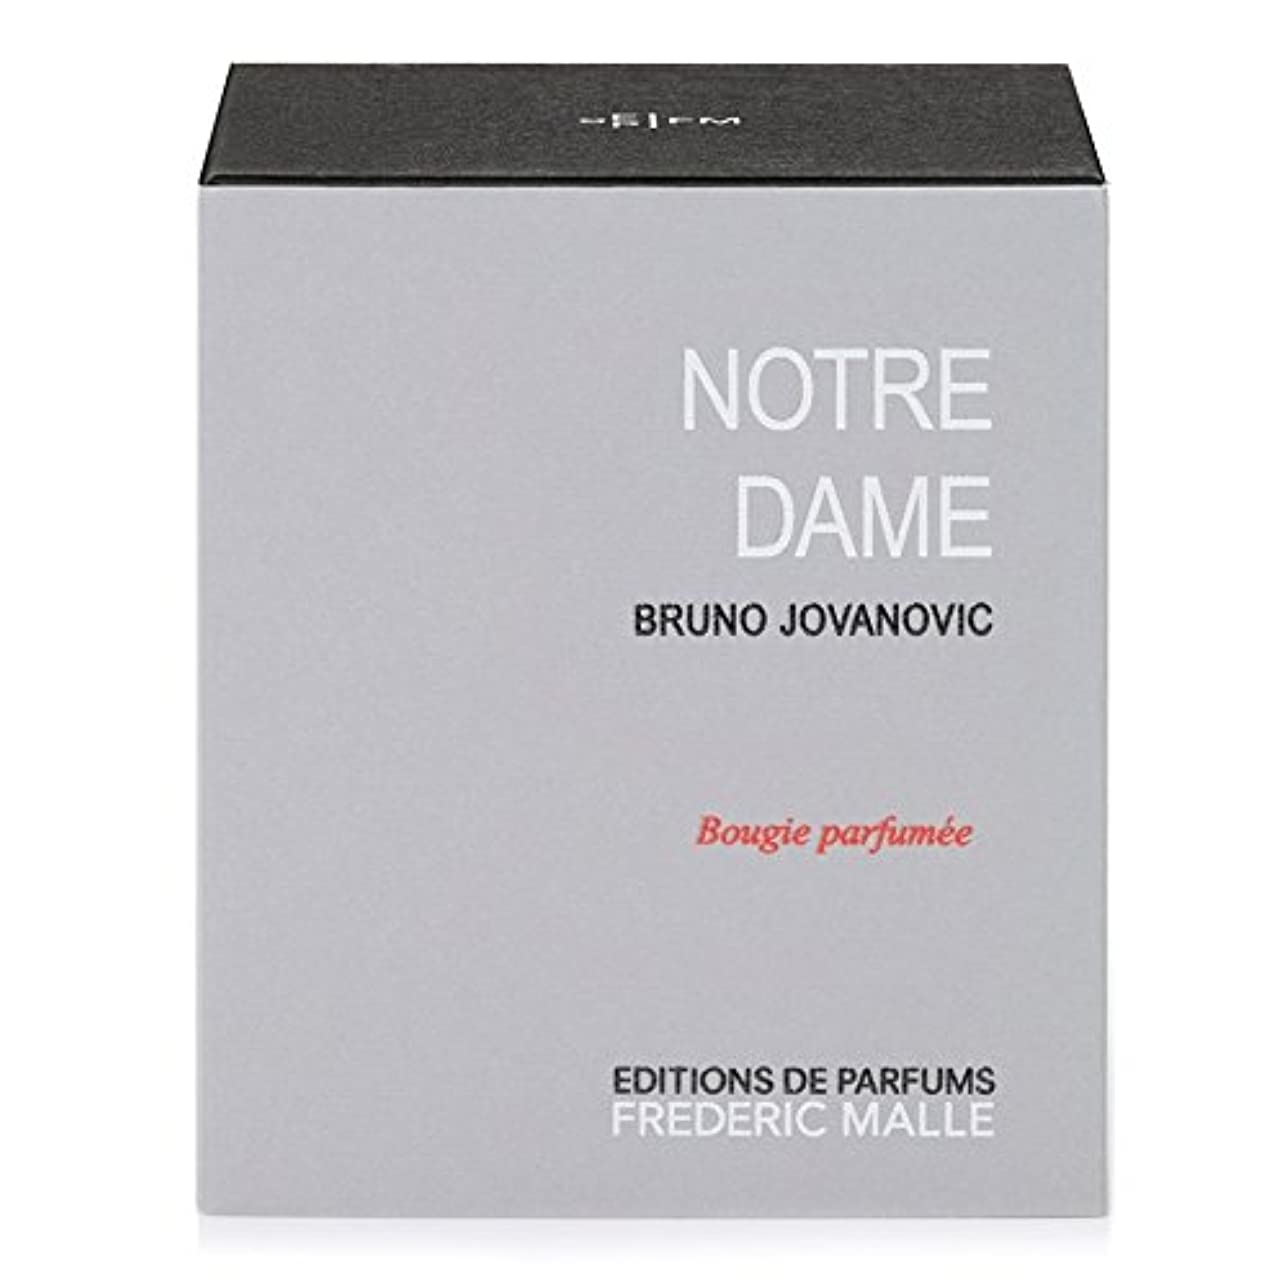 便利さ分布さらにフレデリック?マルノートルダム香りのキャンドル220グラム x6 - Frederic Malle Notre Dame Scented Candle 220g (Pack of 6) [並行輸入品]